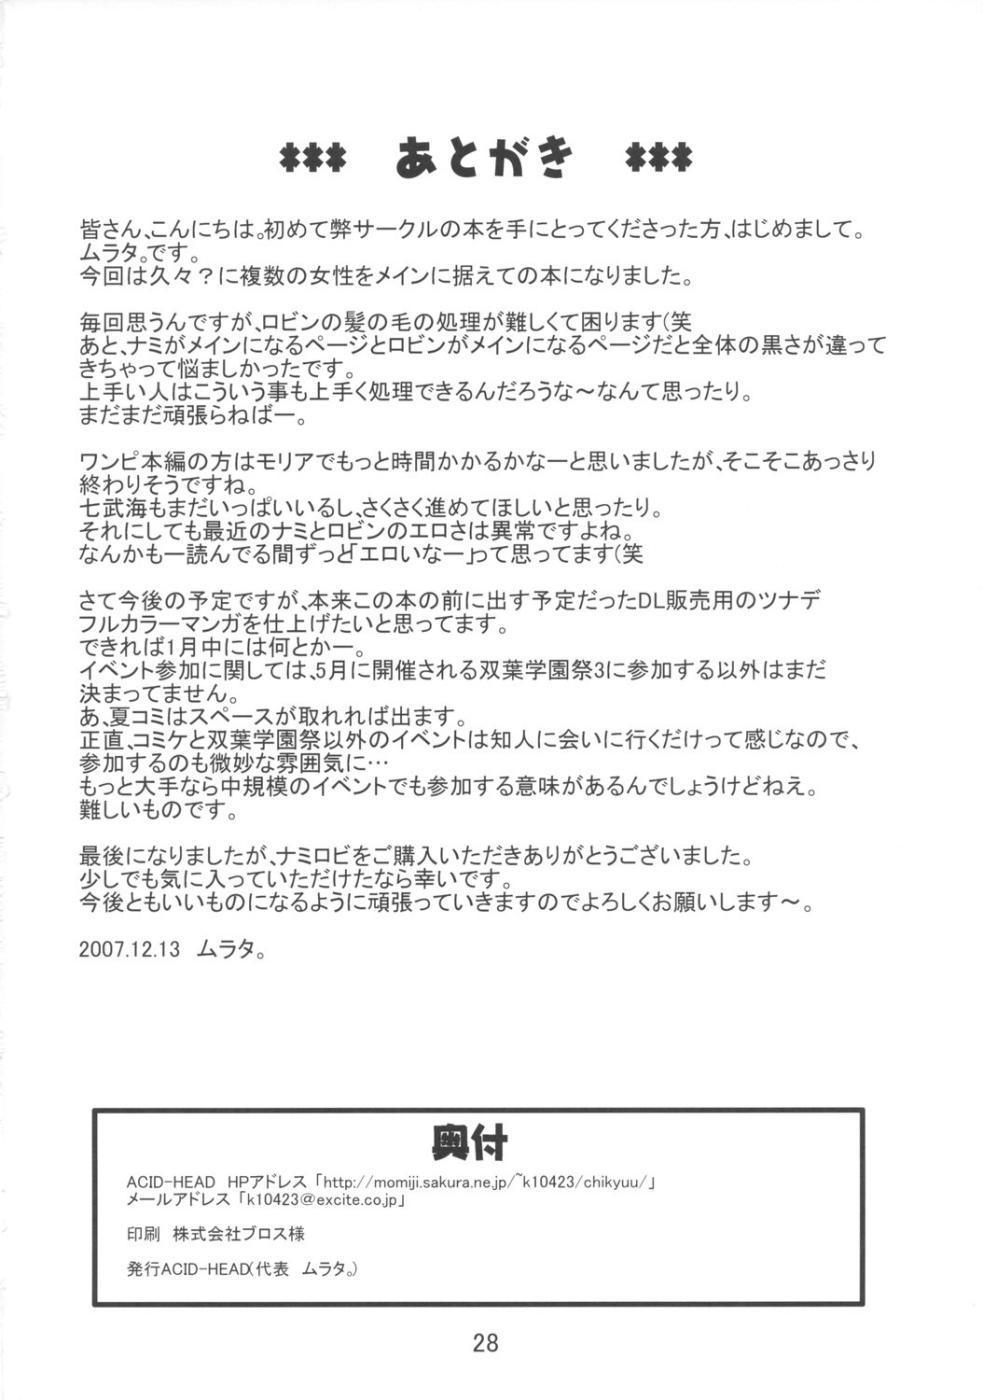 Nami no Koukai Nisshi EX NamiRobi 28